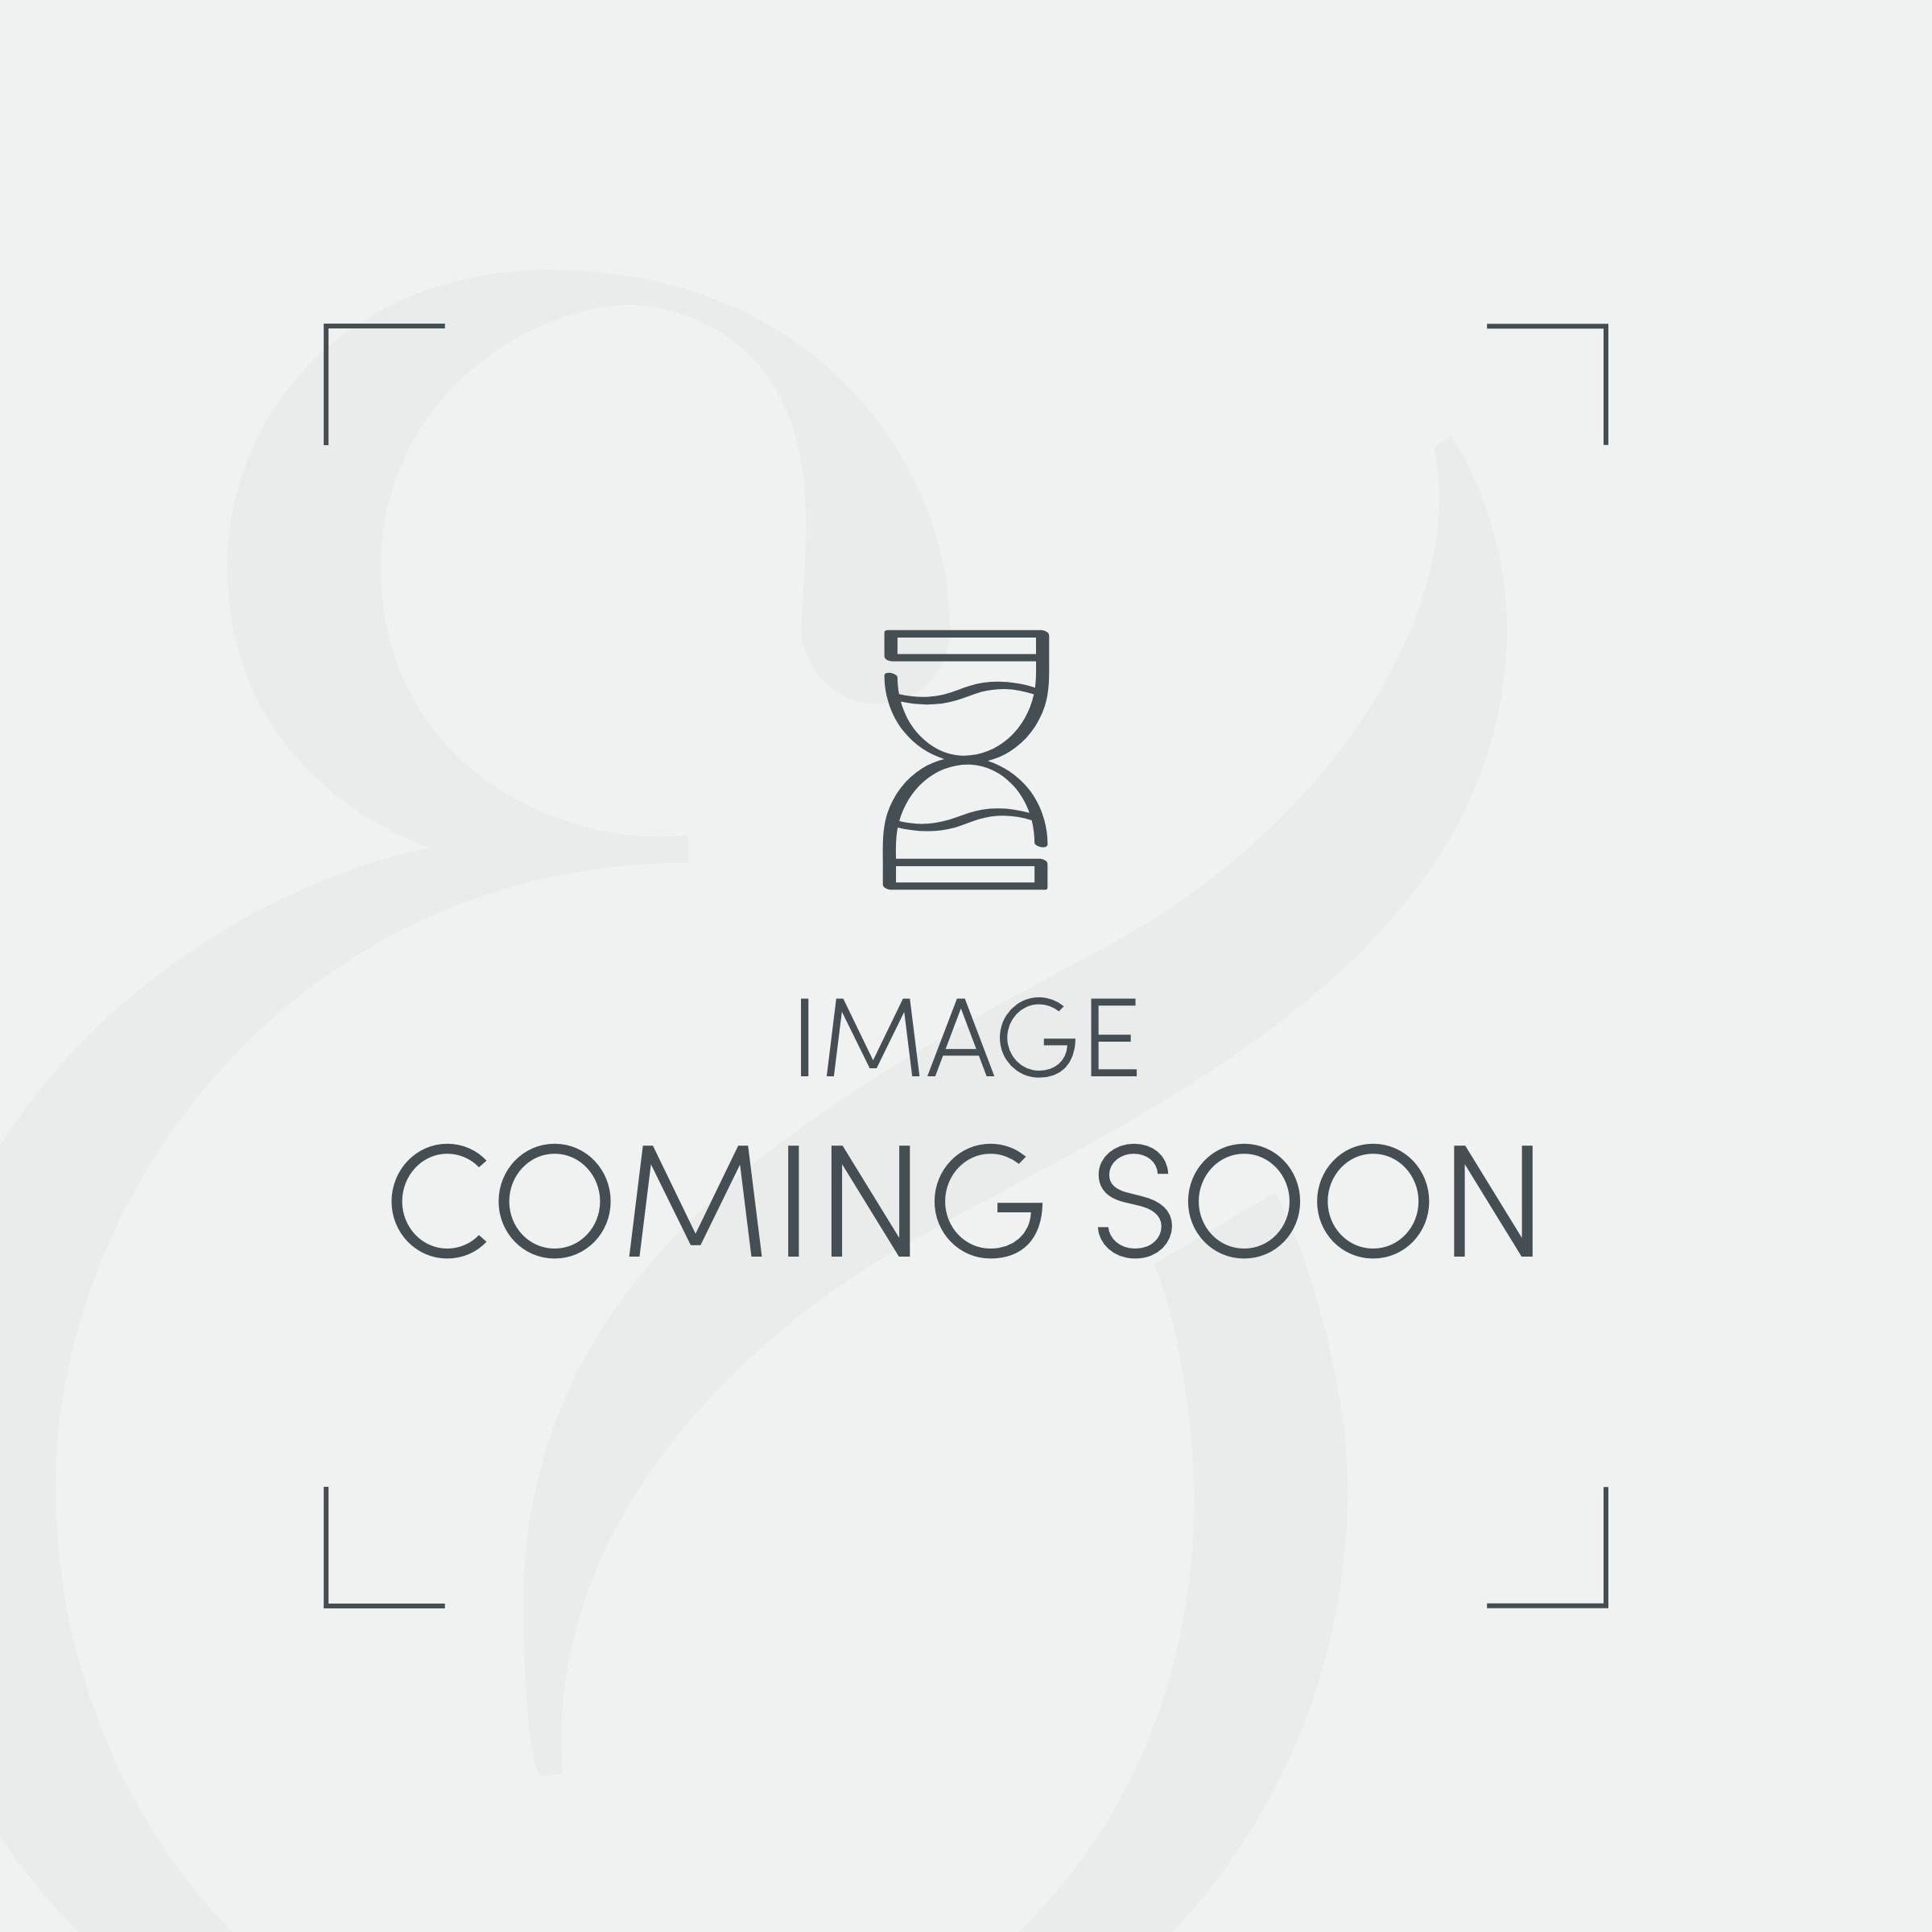 Supreme 3000 Pocket Sprung Pillowtop Mattress - Medium/Firm -  Superking